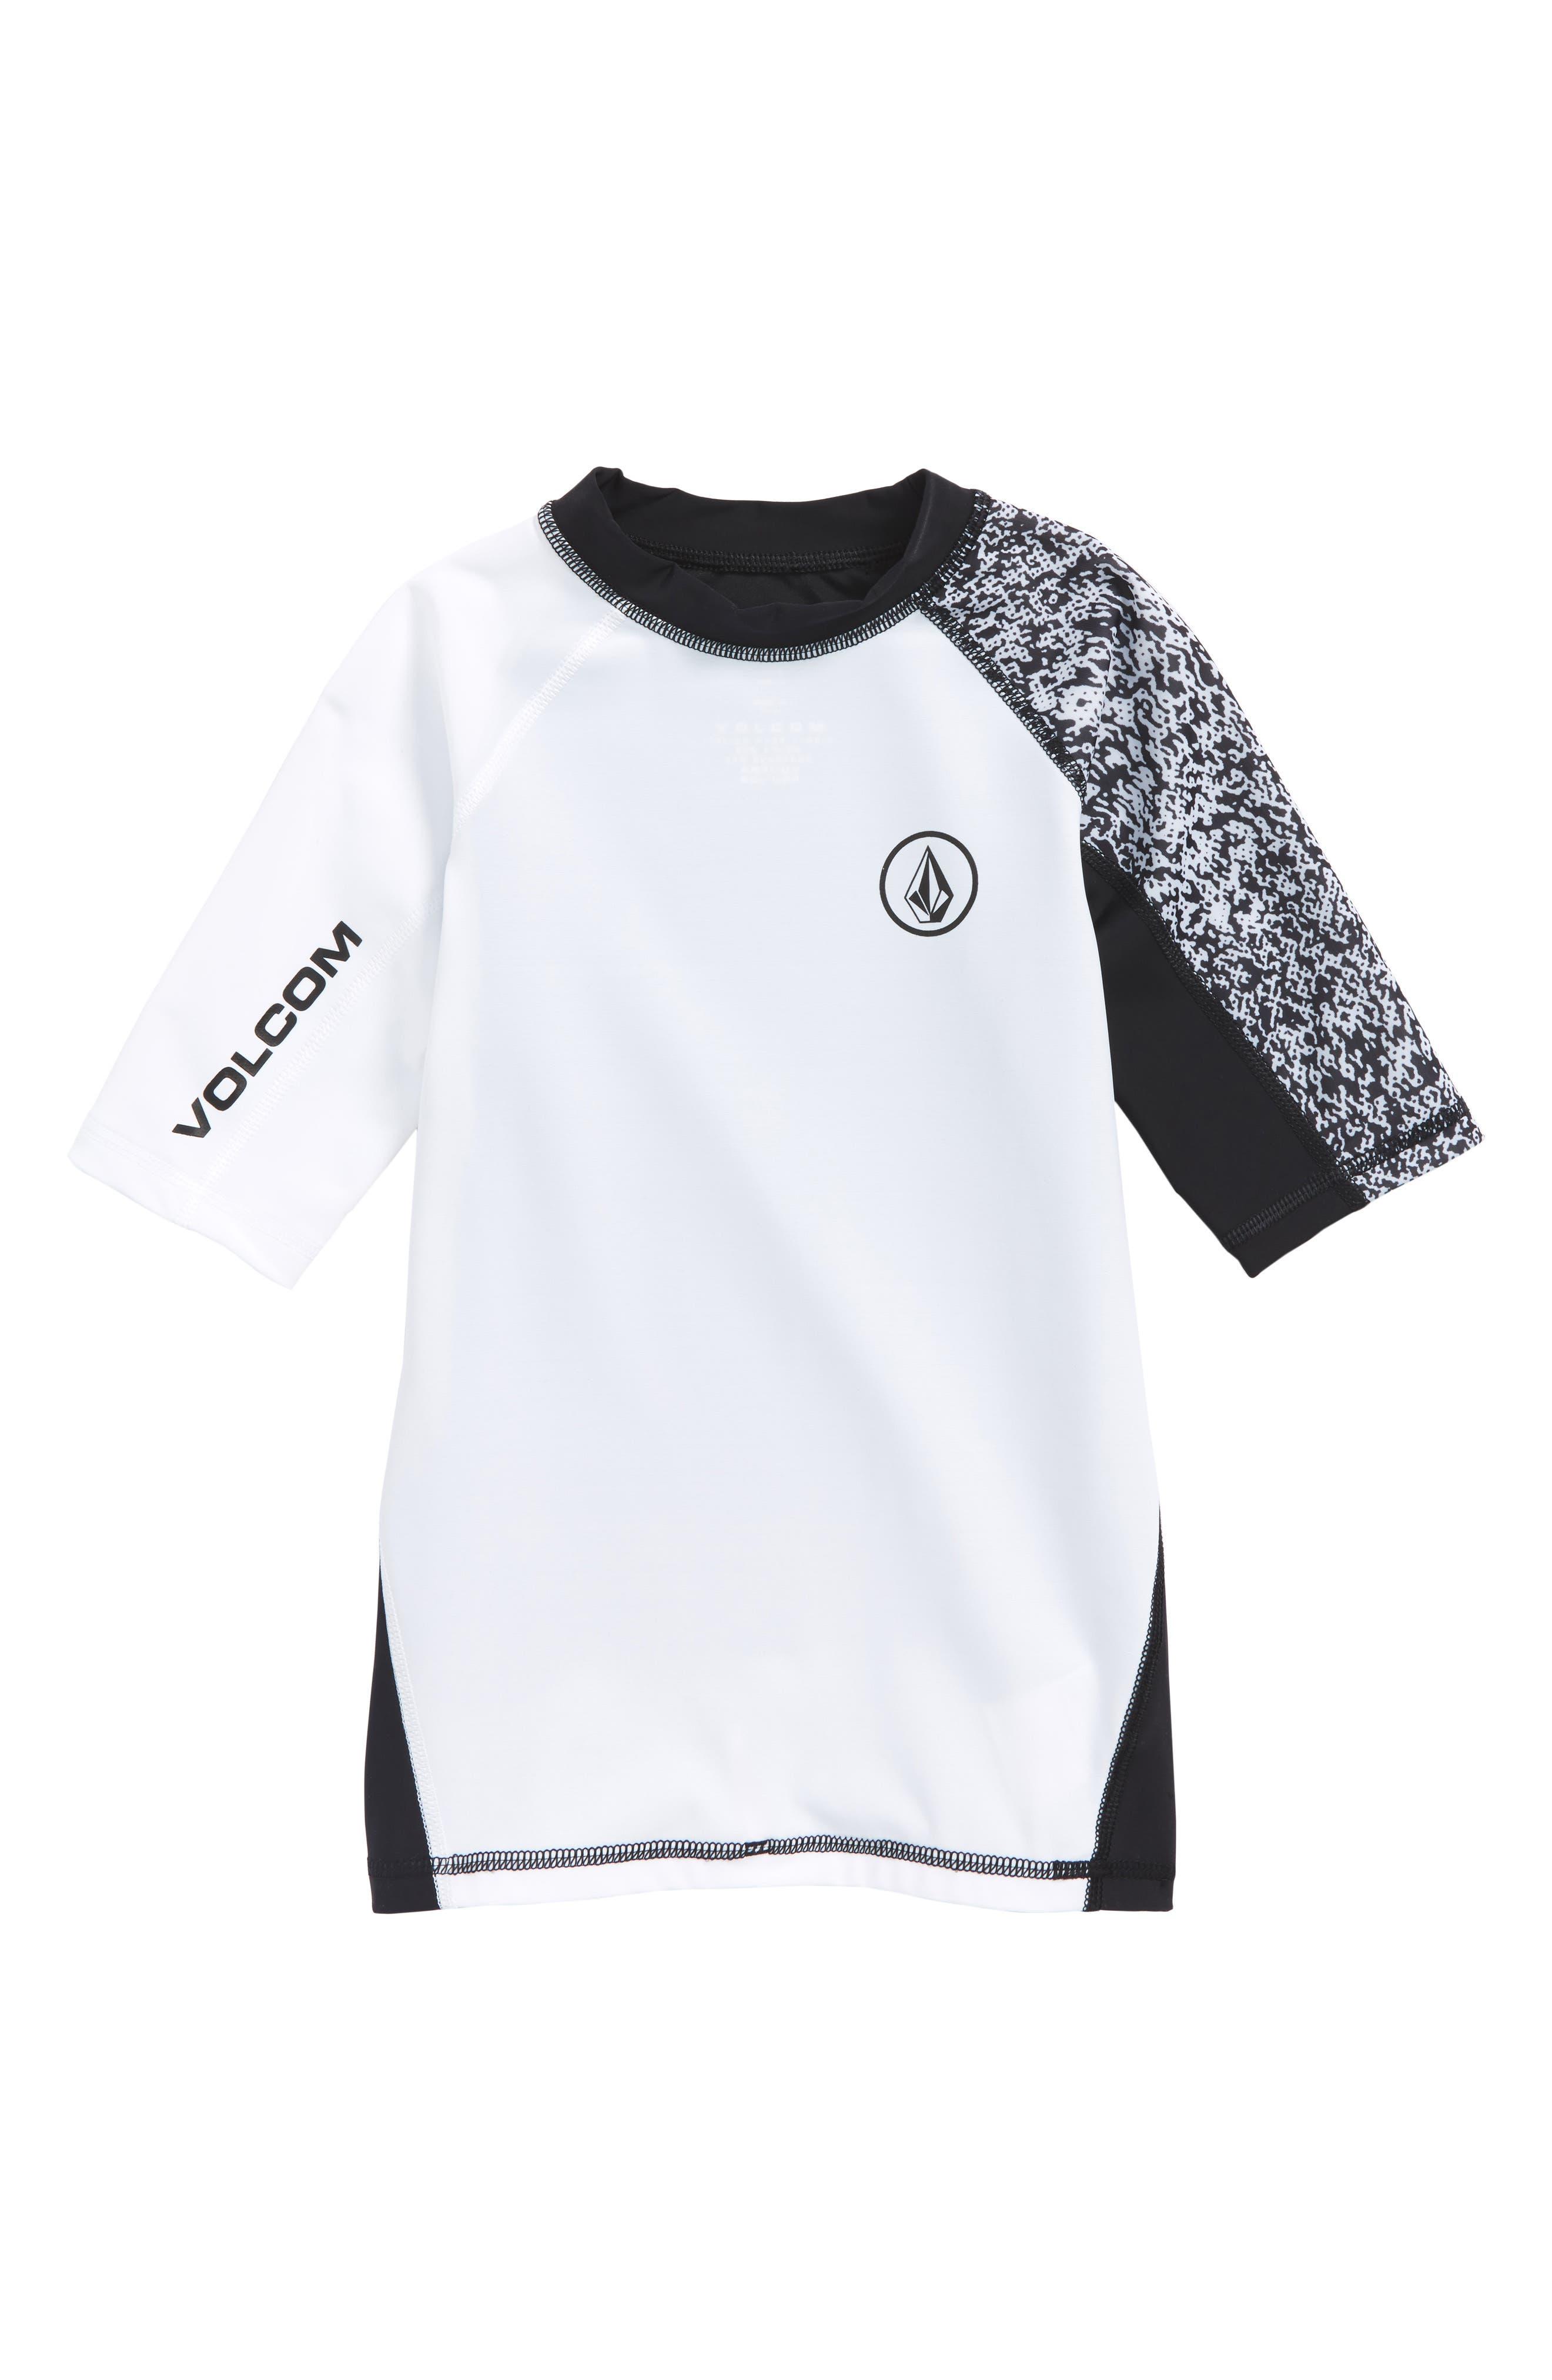 Lido Block Short Sleeve Rashguard,                         Main,                         color, White